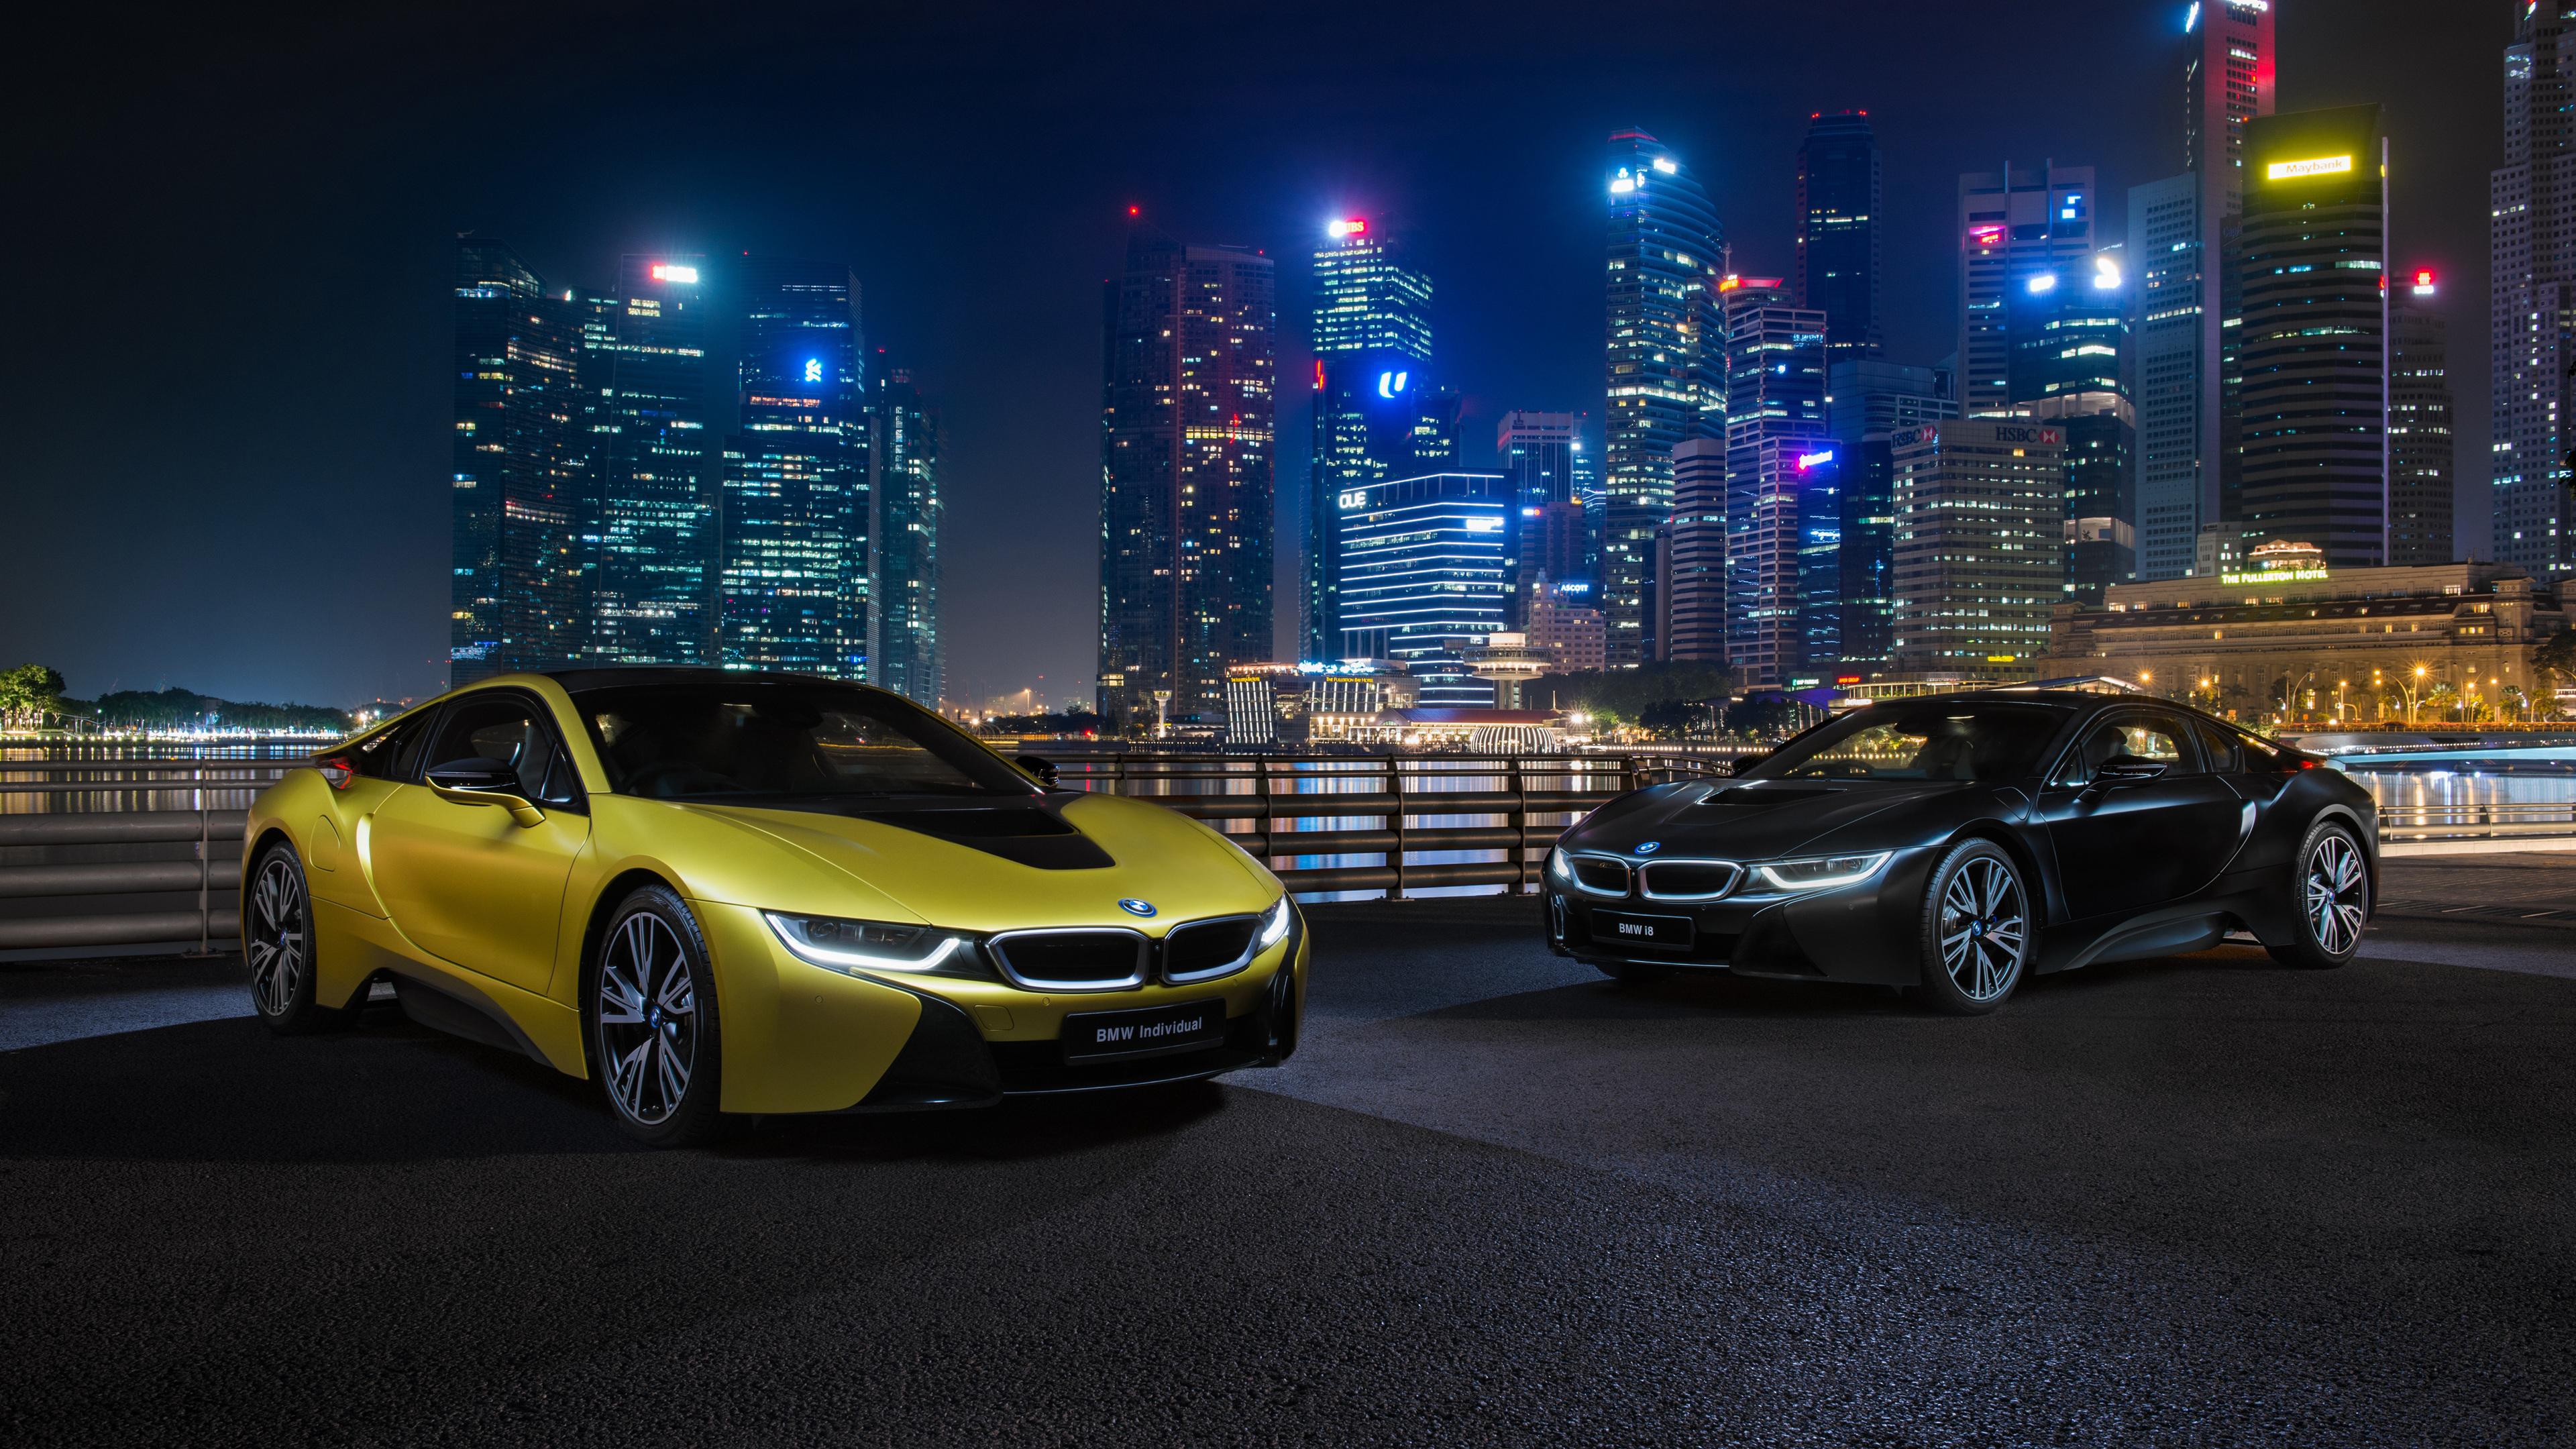 bmw i8 frozen yellow edition 1539109421 - BMW I8 Frozen Yellow Edition - hd-wallpapers, cars wallpapers, bmw wallpapers, bmw i8 wallpapers, 4k-wallpapers, 2018 cars wallpapers